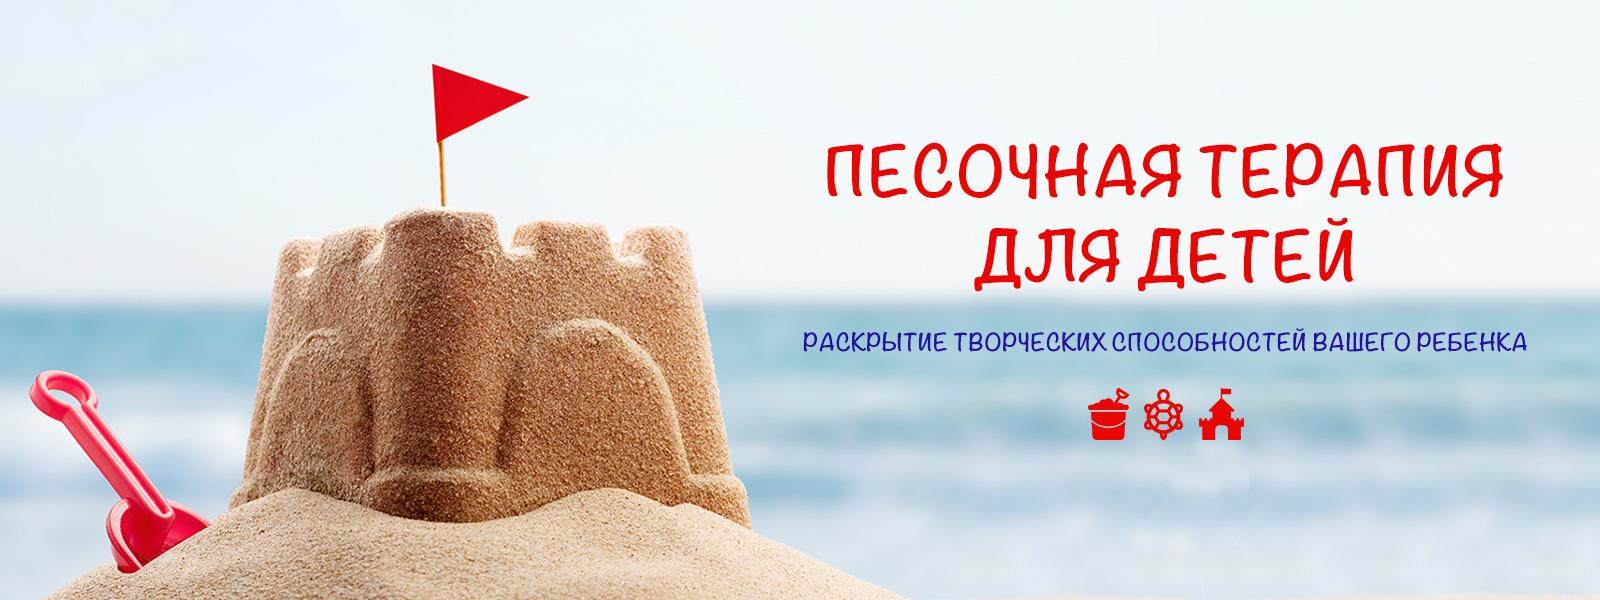 Песочная терапия для детей занятия программа